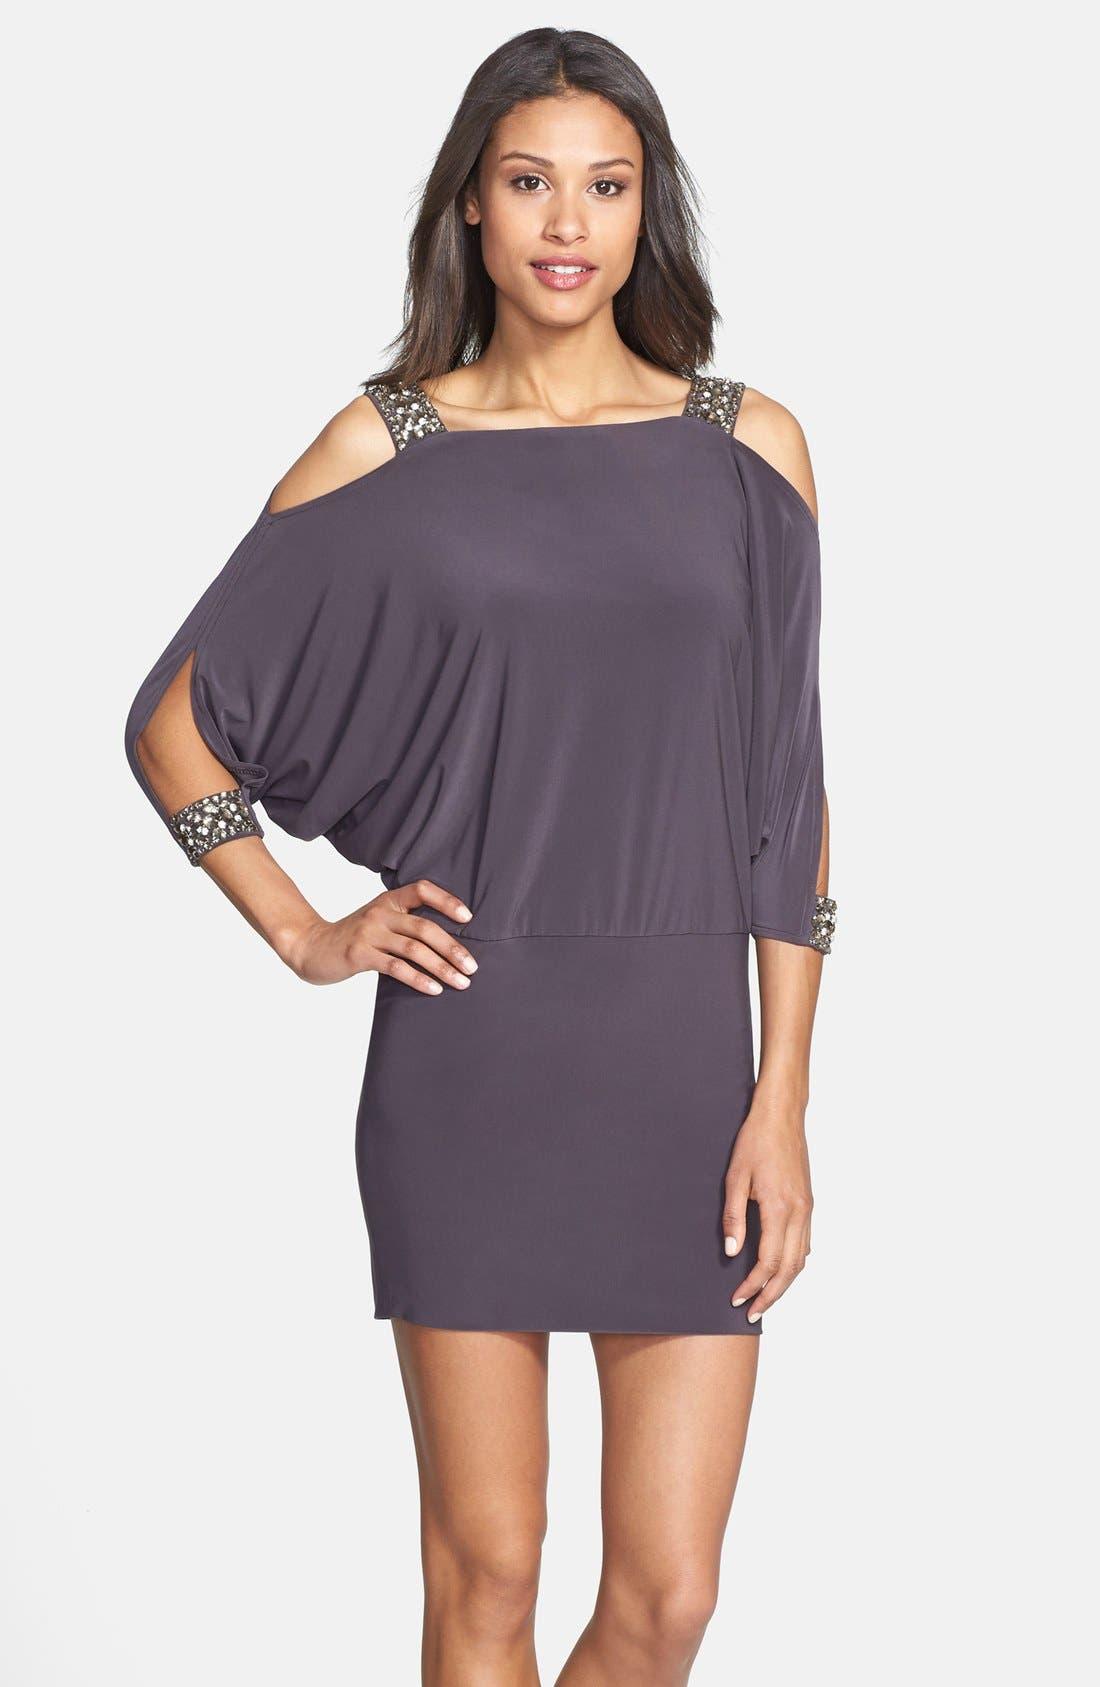 Alternate Image 1 Selected - Betsy & Adam Embellished Cold Shoulder Jersey Dress